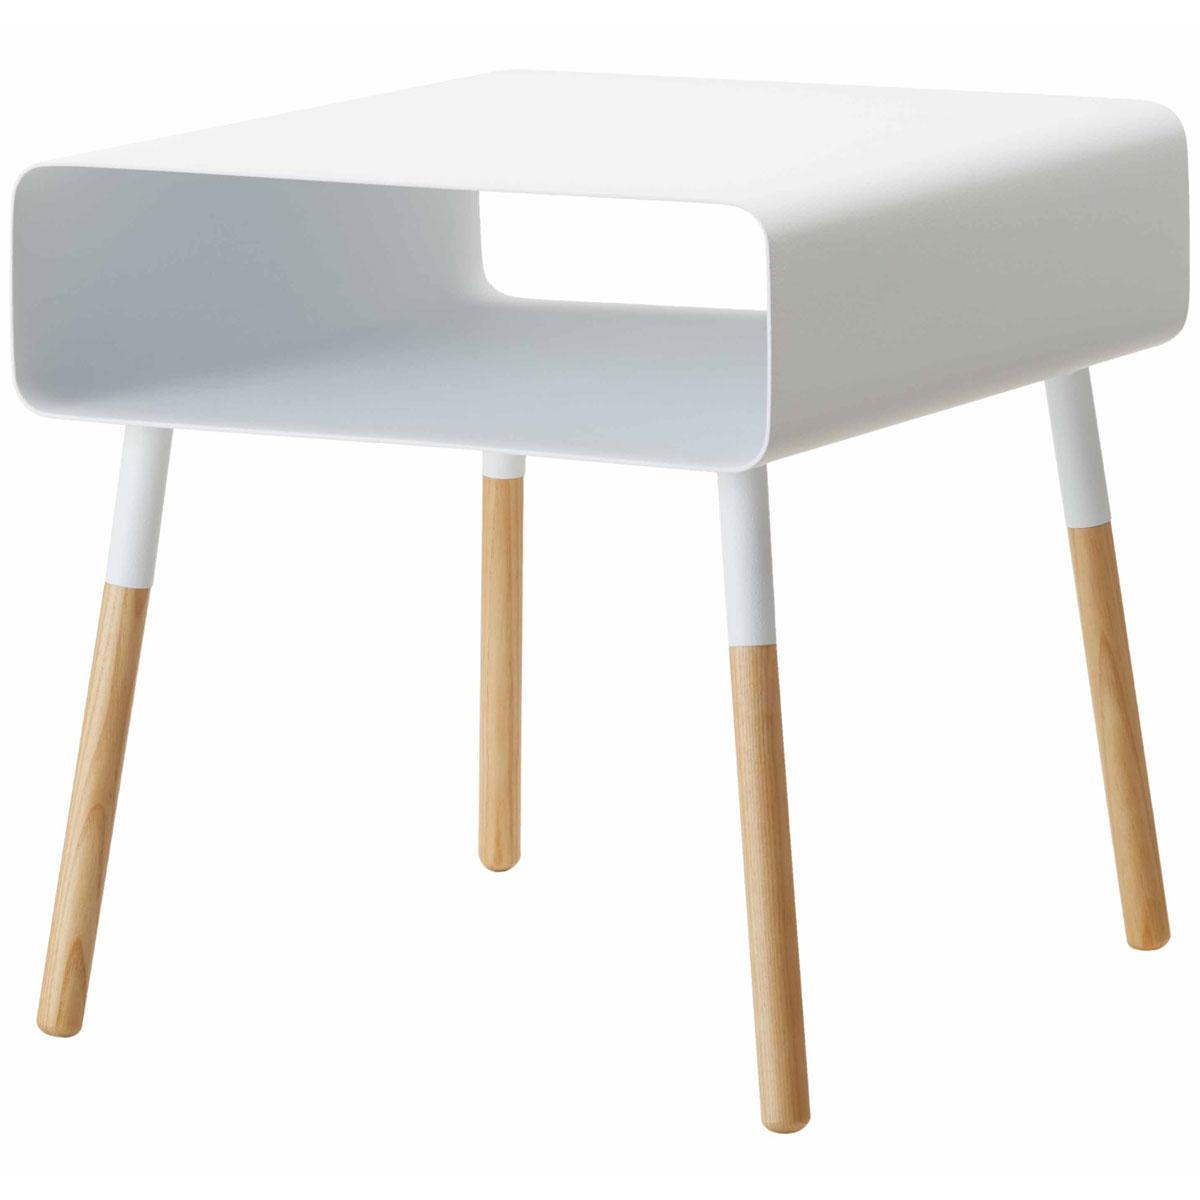 サイドテーブル 山崎実業 PLAIN ローサイドテーブル 収納付き 角型 低め コーヒーテーブル ナイトテーブル YAMAZAKI プレーン ホワイト